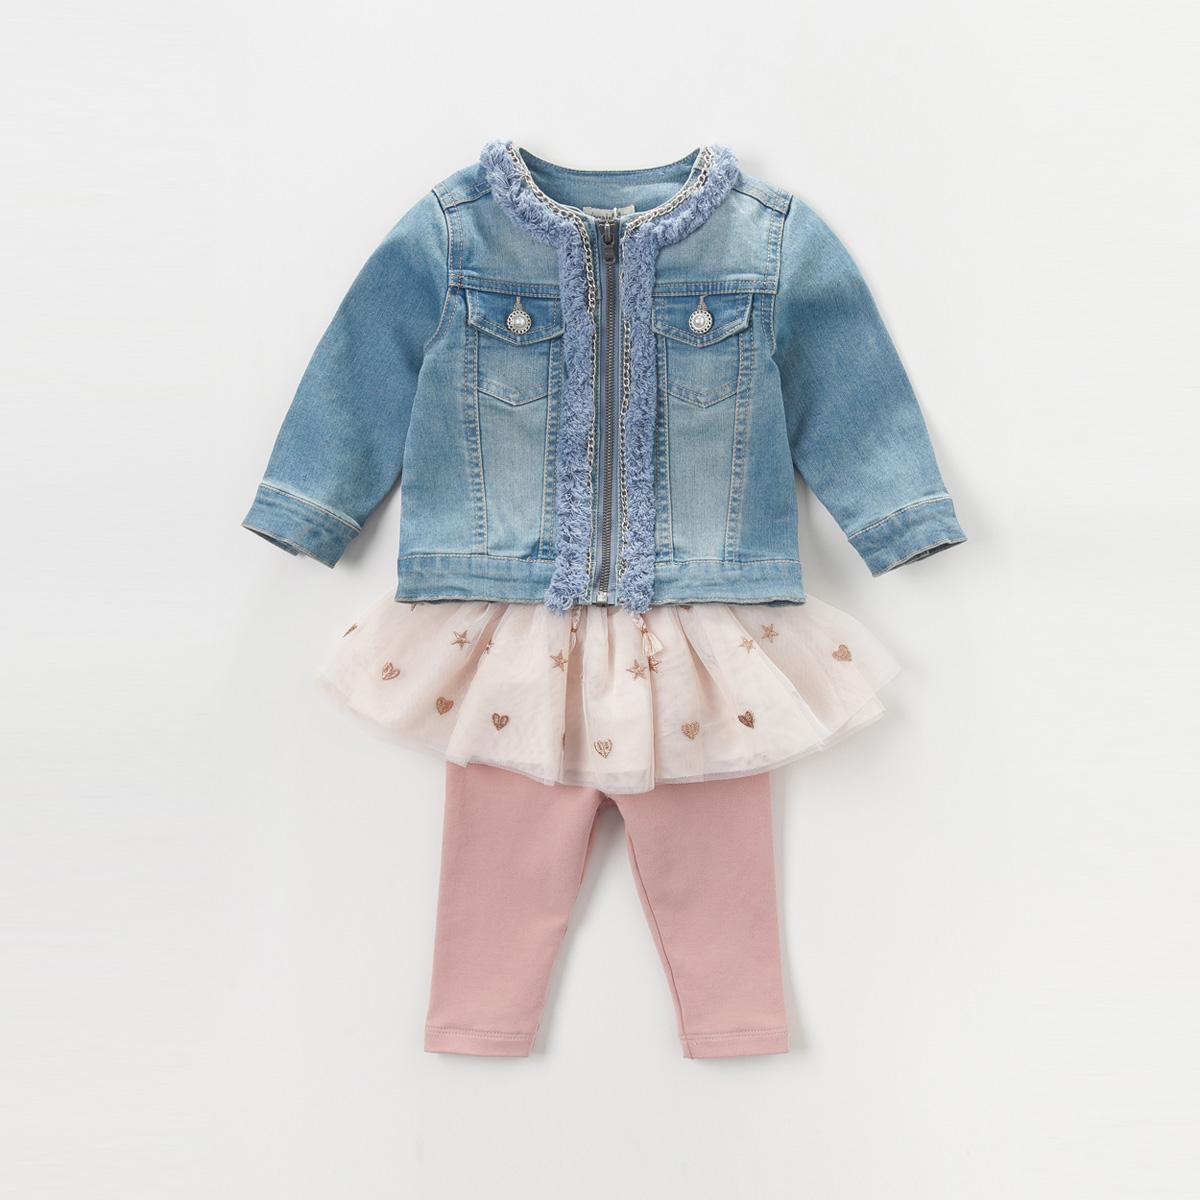 戴維貝拉牛仔女寶寶拉鏈外套